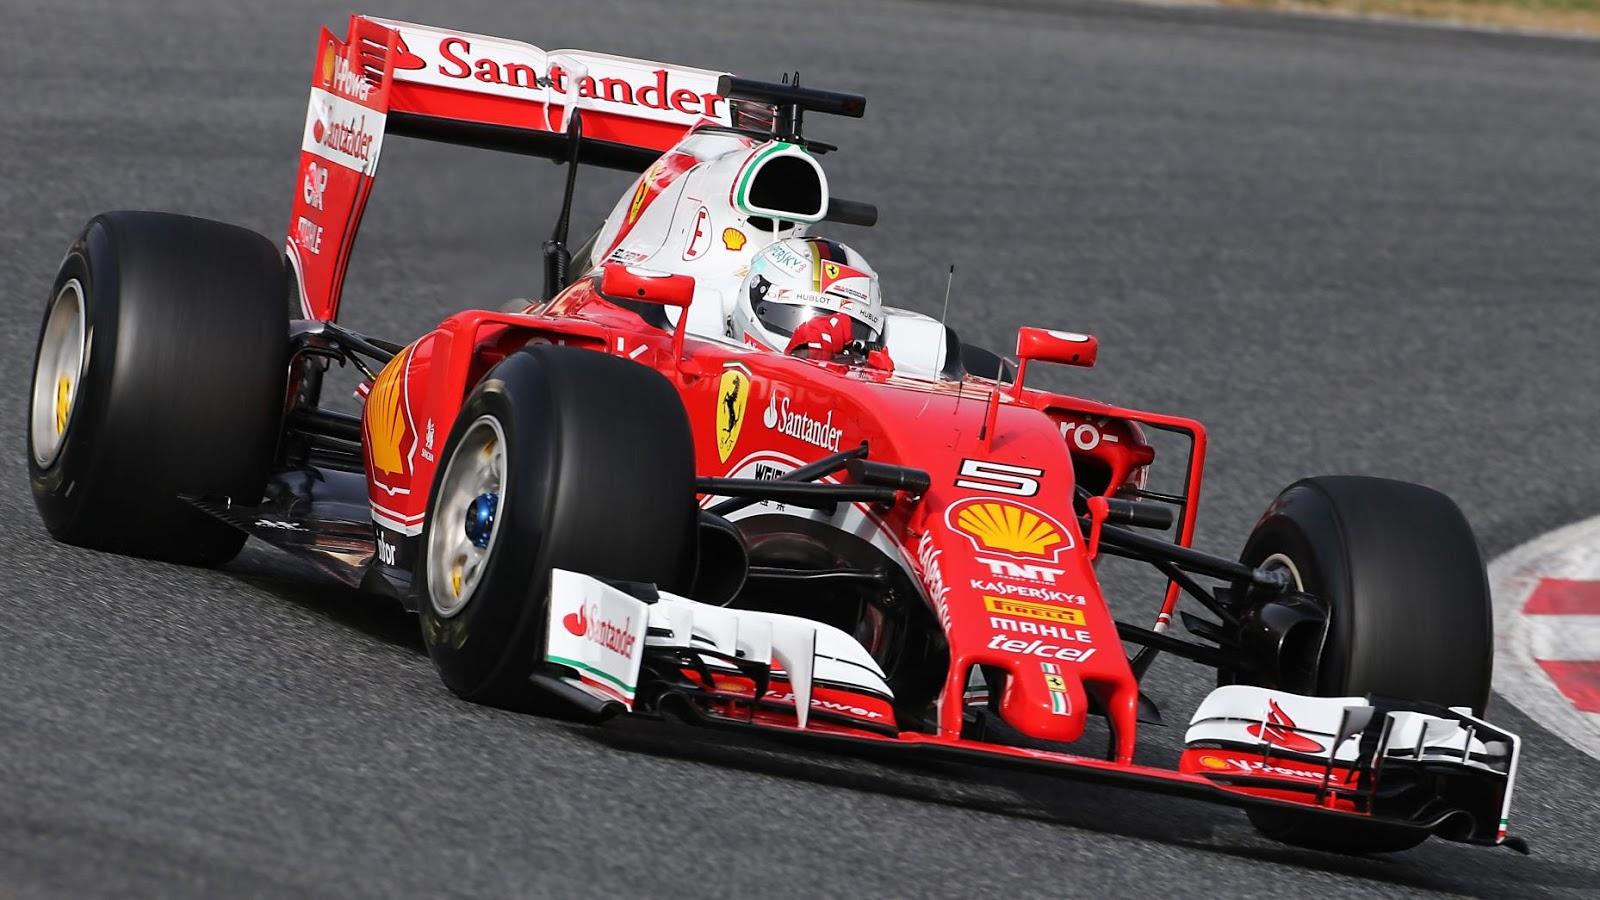 Scuderia Ferrari – SF16-H